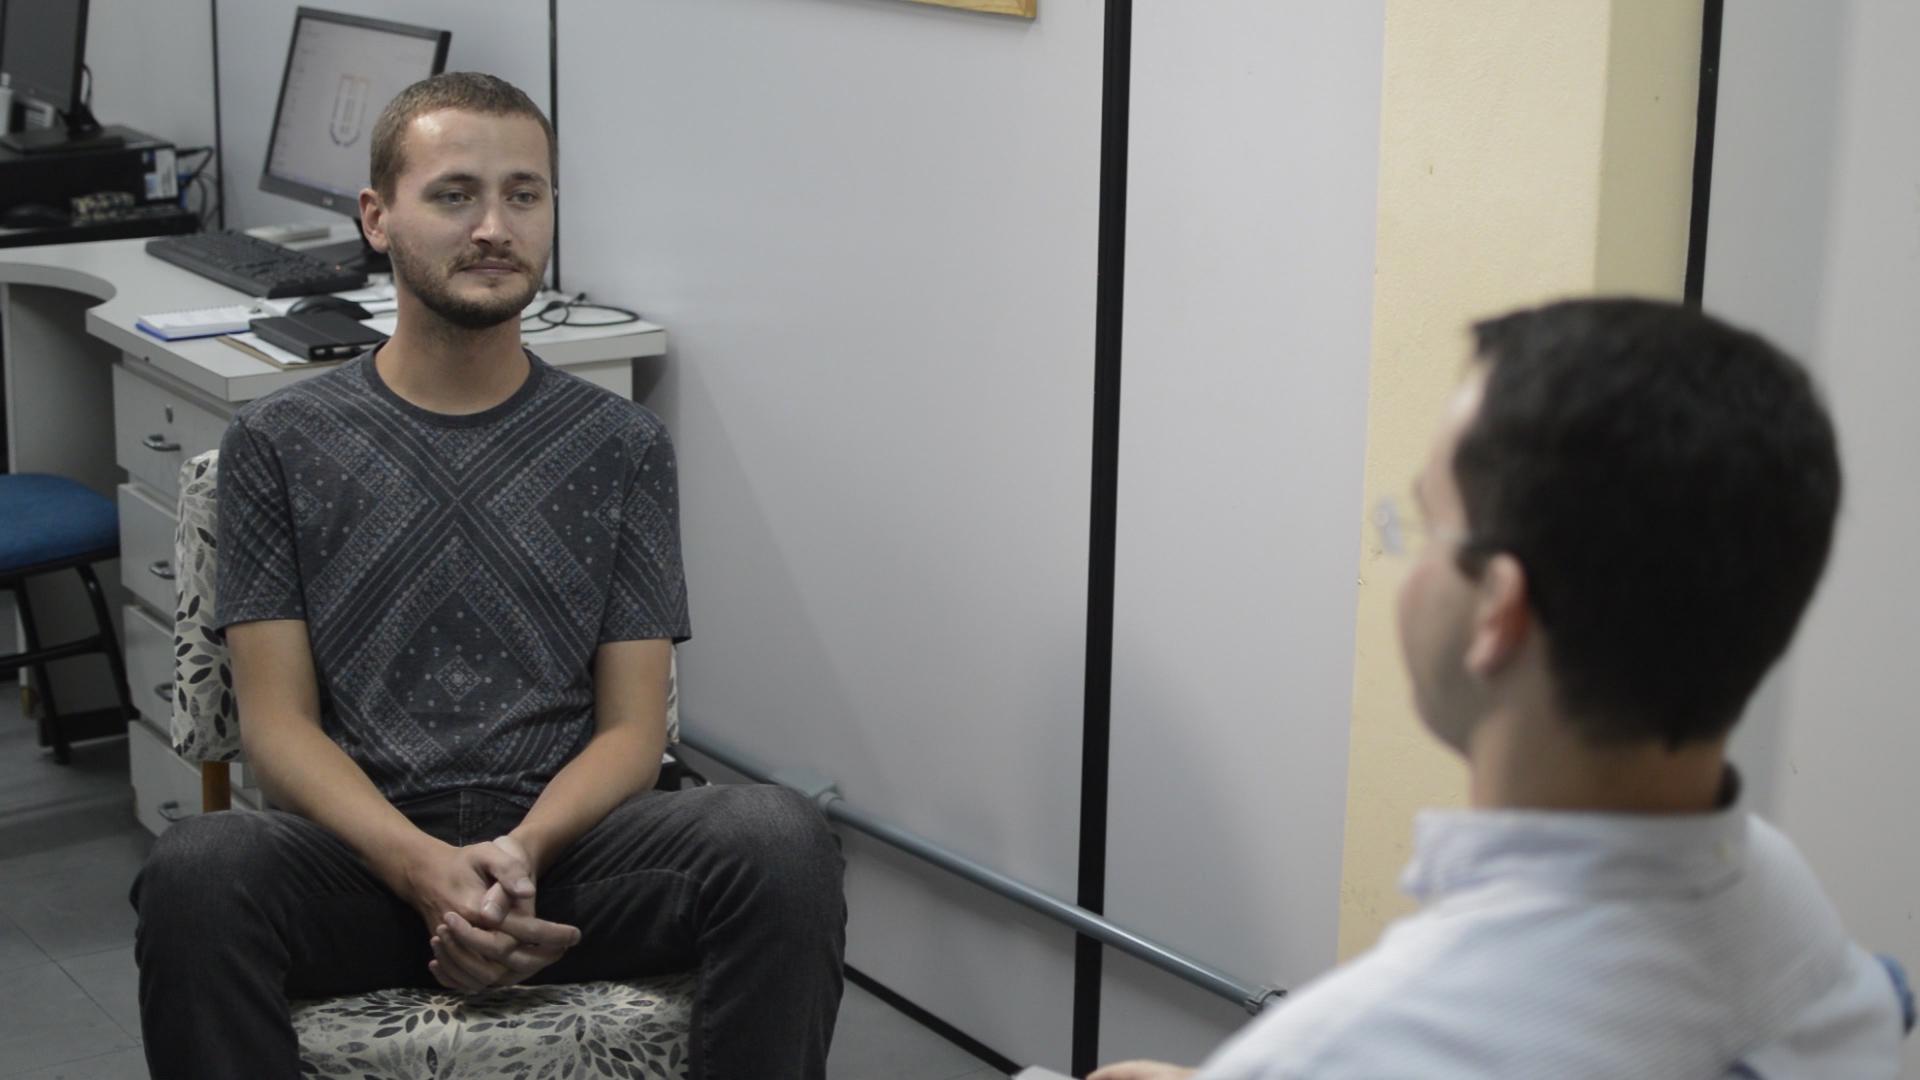 Estágio em Psicologia: Dois homens conversando.